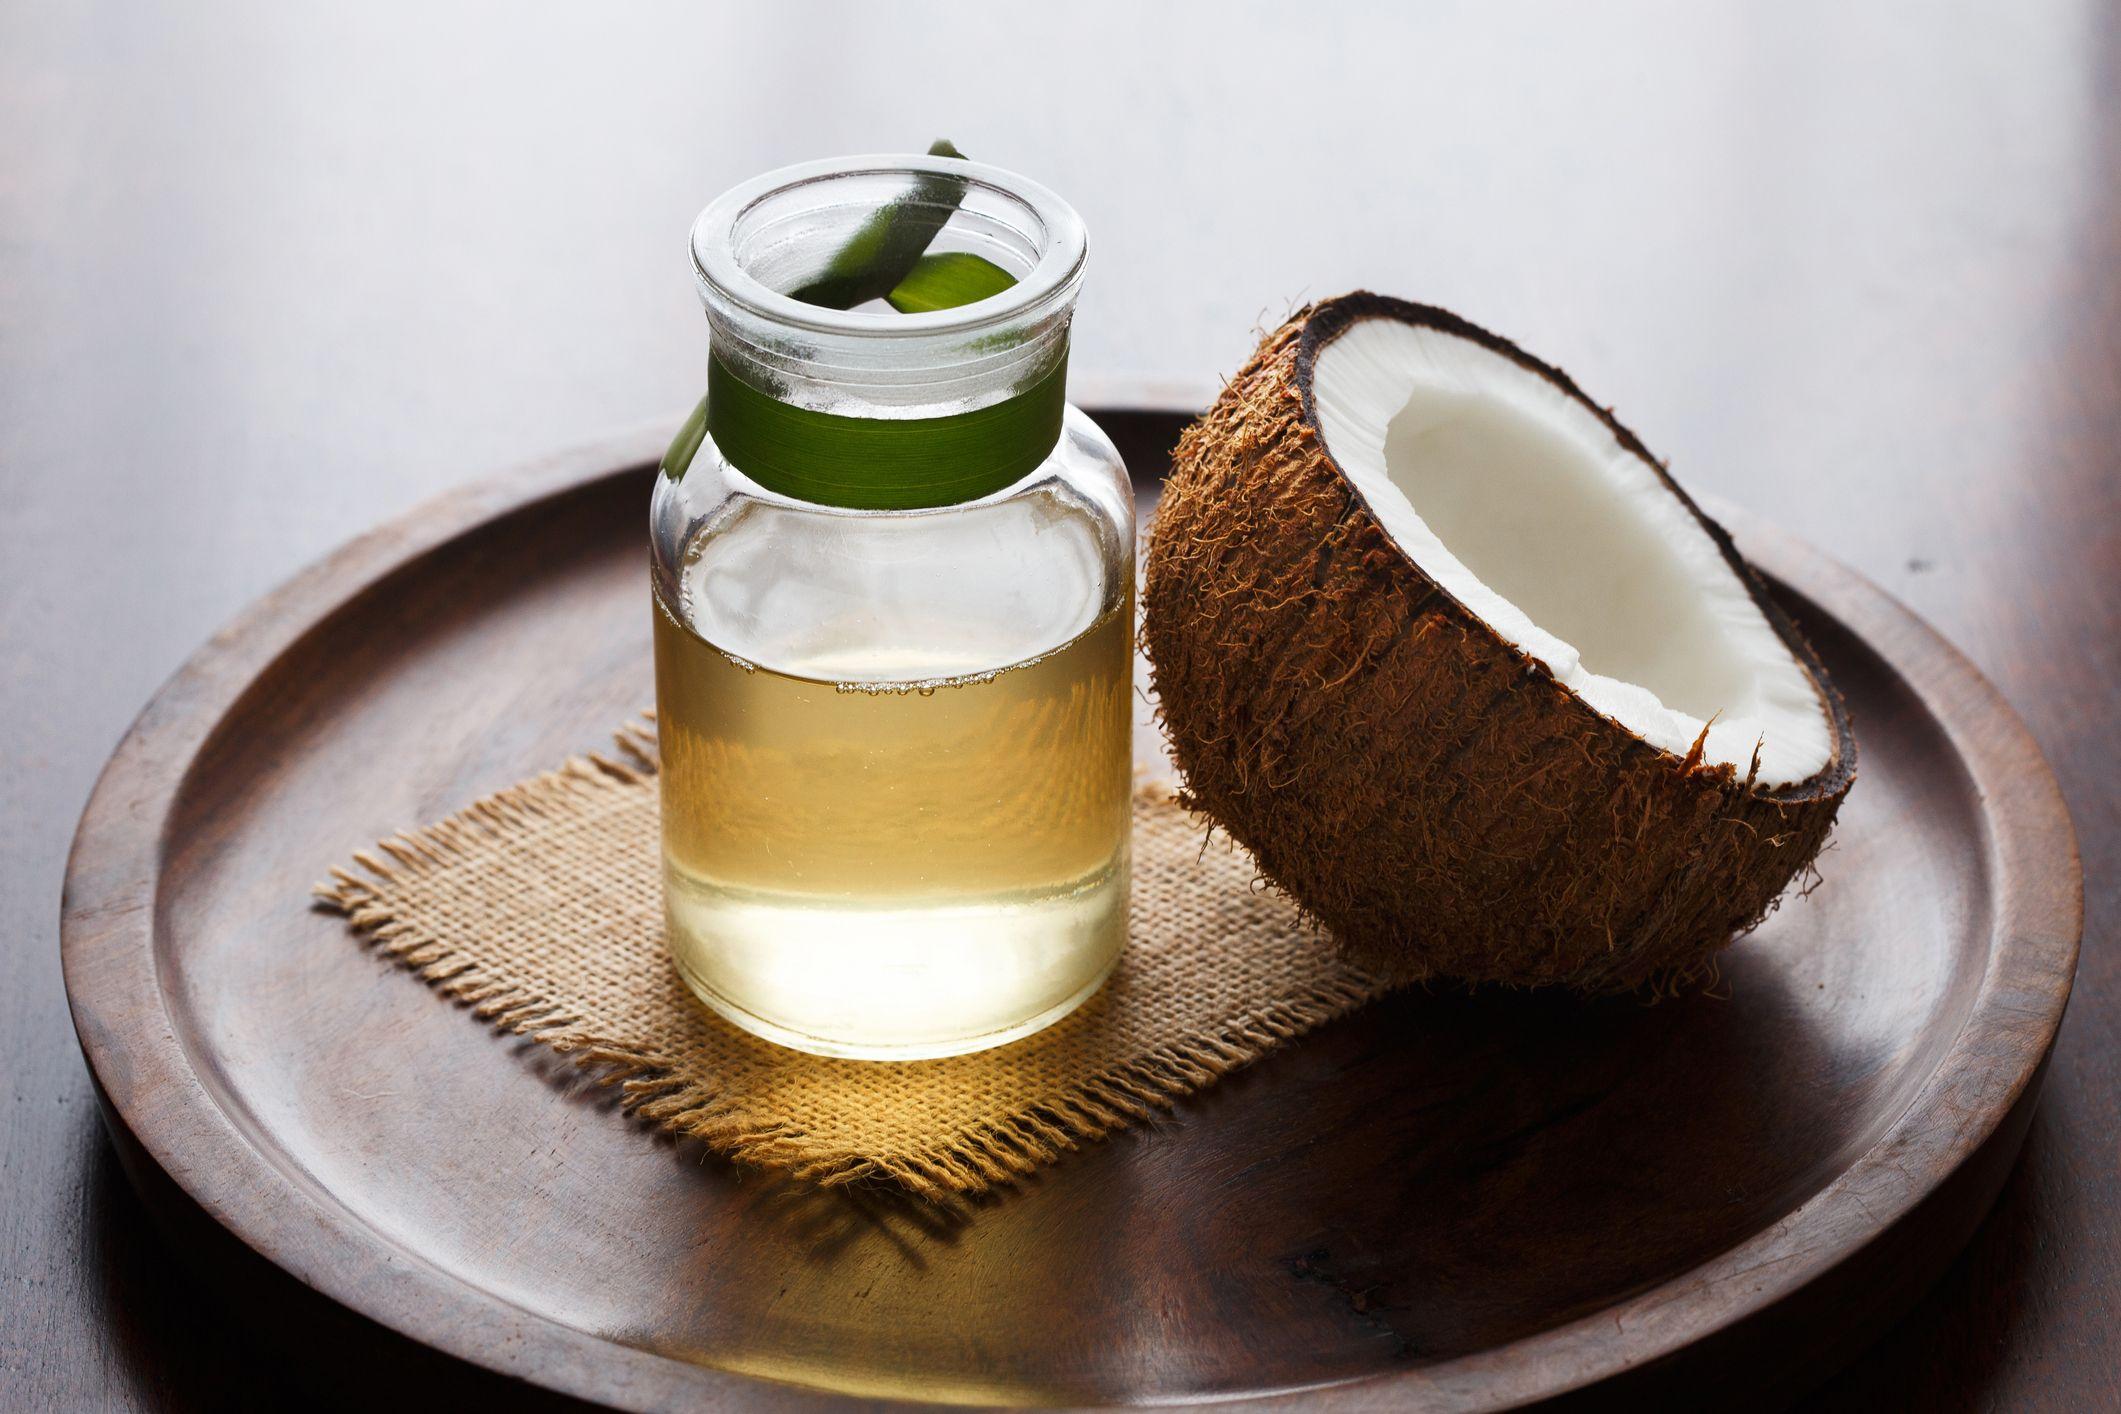 para que sirve el aceite de coco en el cafe